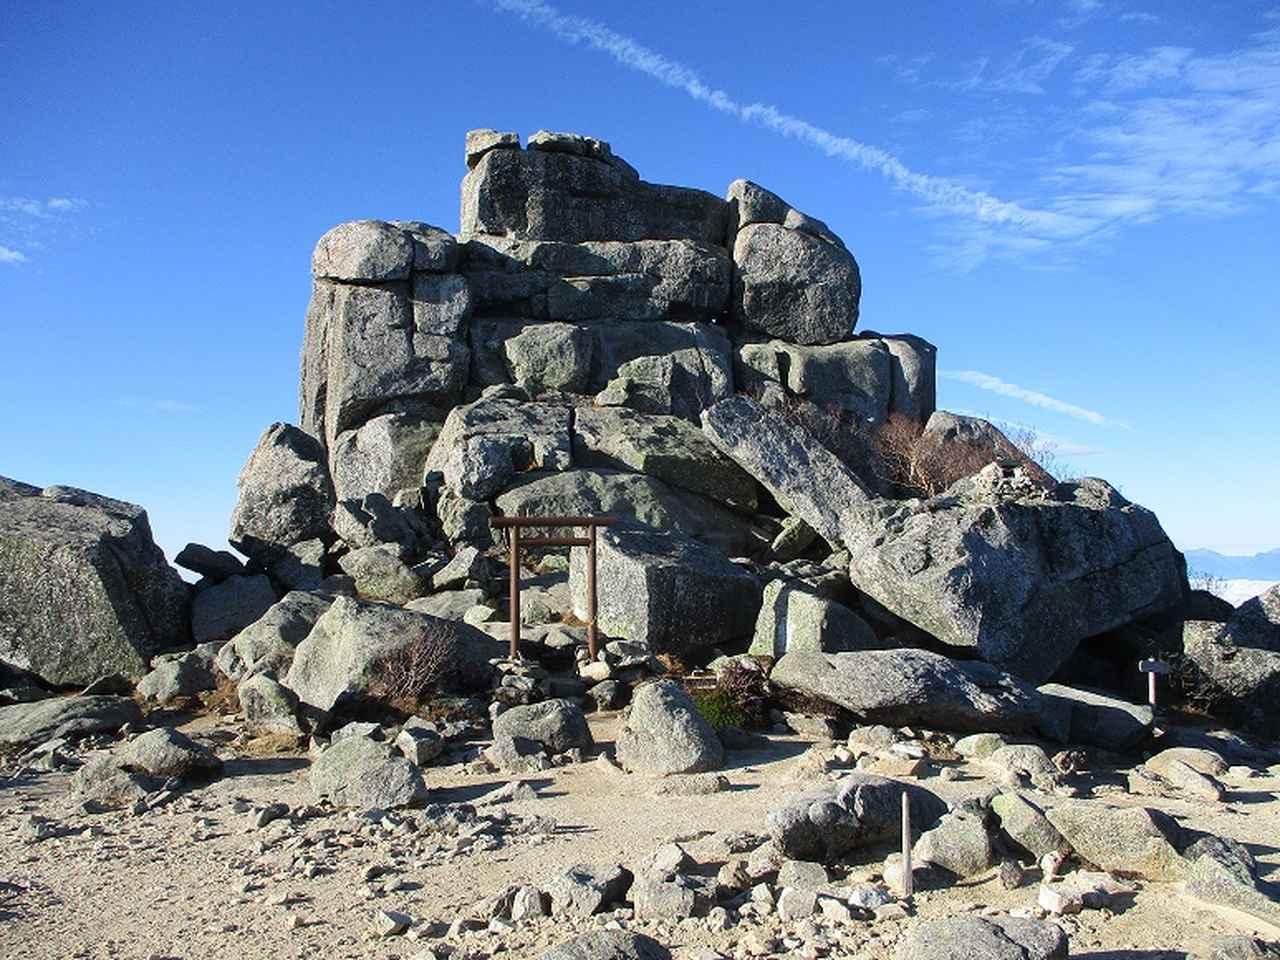 画像1: 【山旅会・登山ガイドこだわりツアー】山旅会ツアー11月までの催行状況